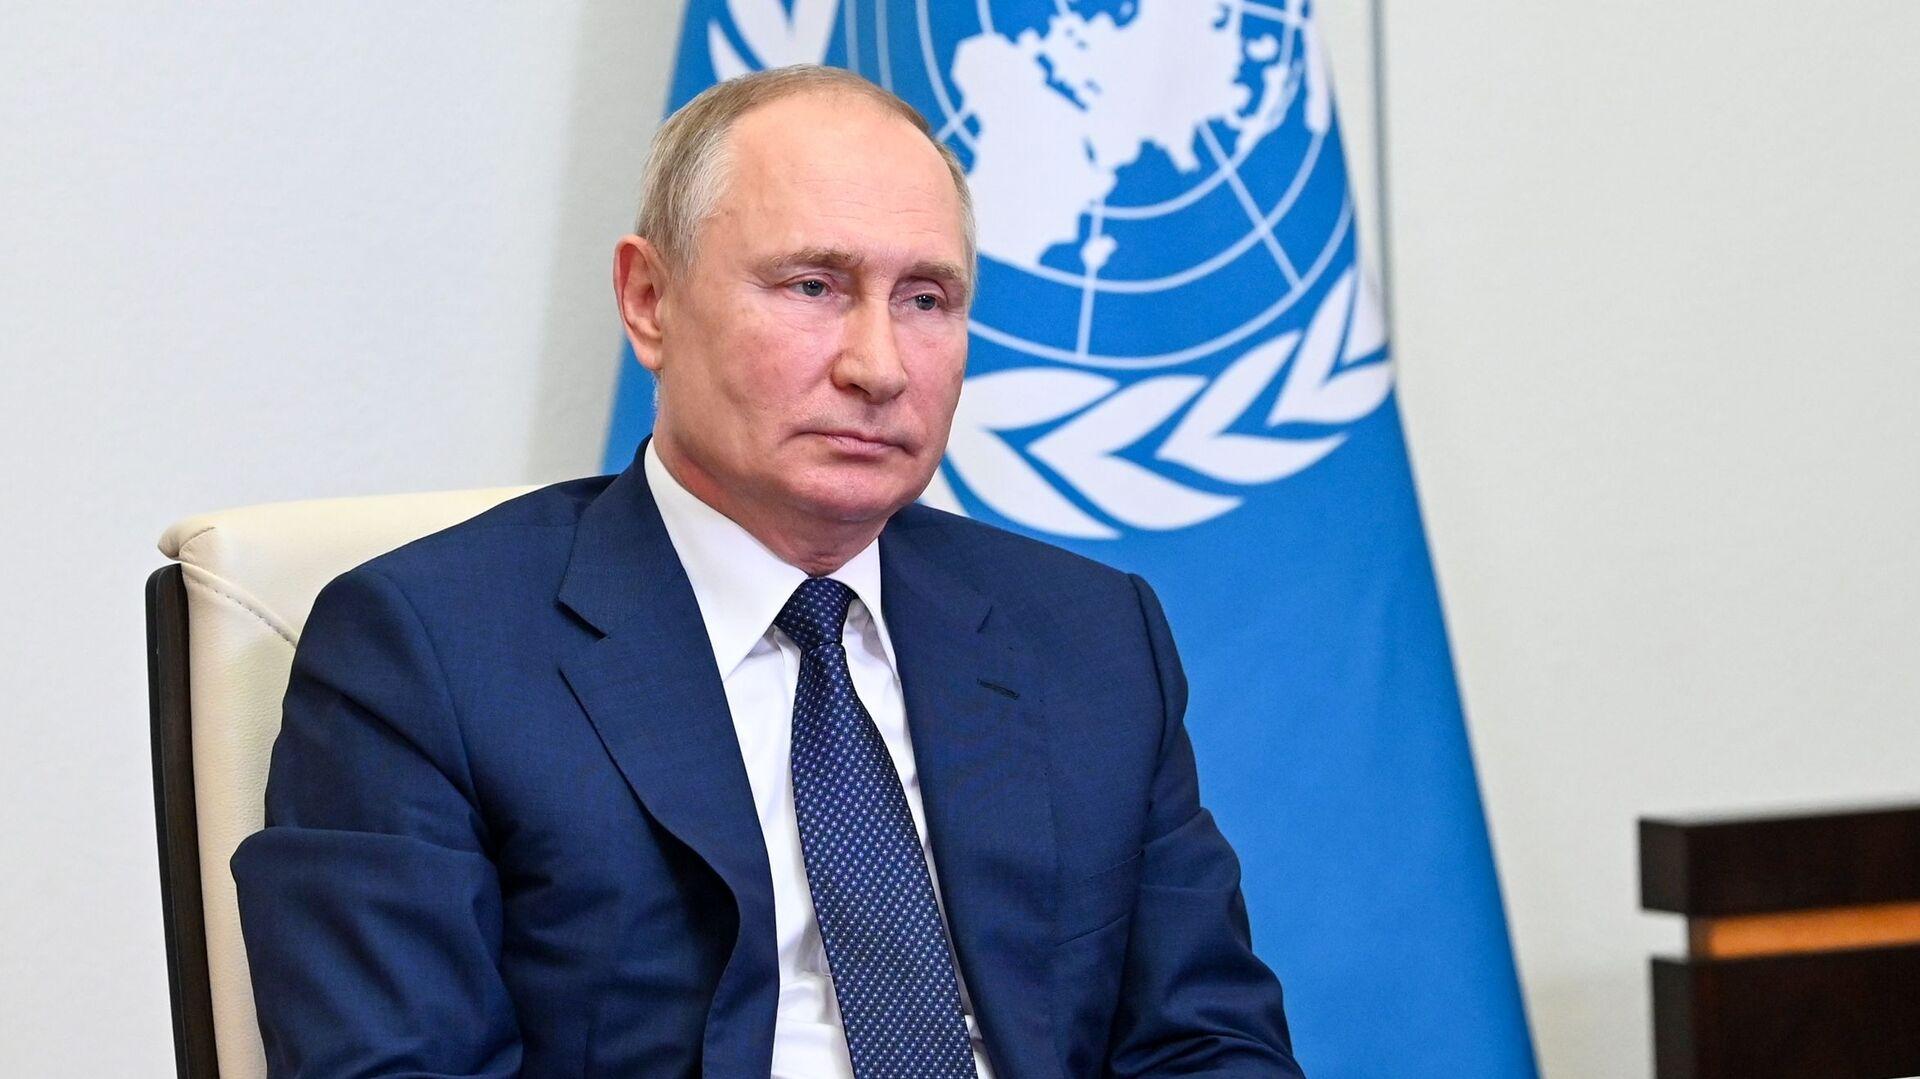 Rusiya Prezidenti Vladimir Putin - Sputnik Azərbaycan, 1920, 13.10.2021